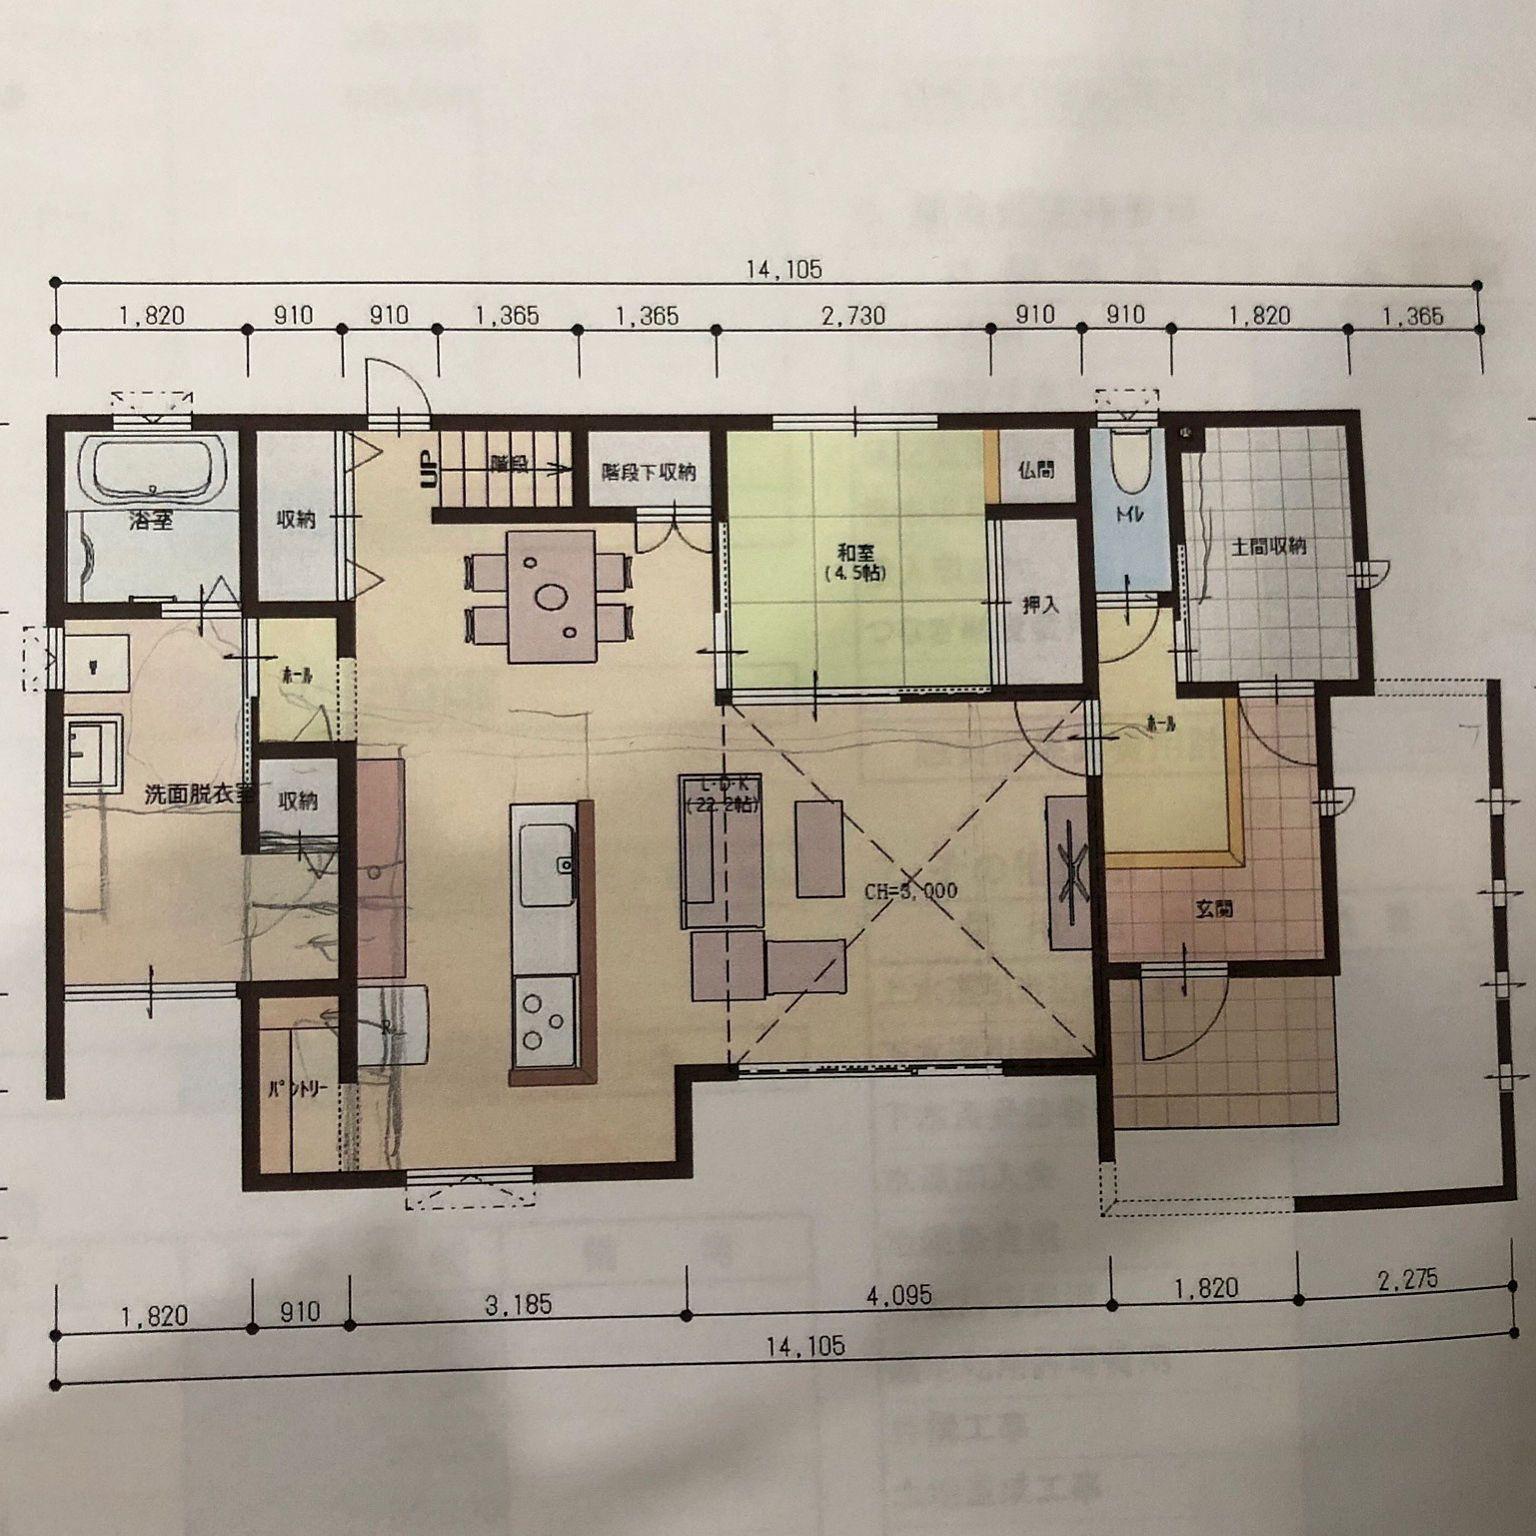 間取り1f トイレの位置 新築戸建 間取り図 マイホーム計画中の方と